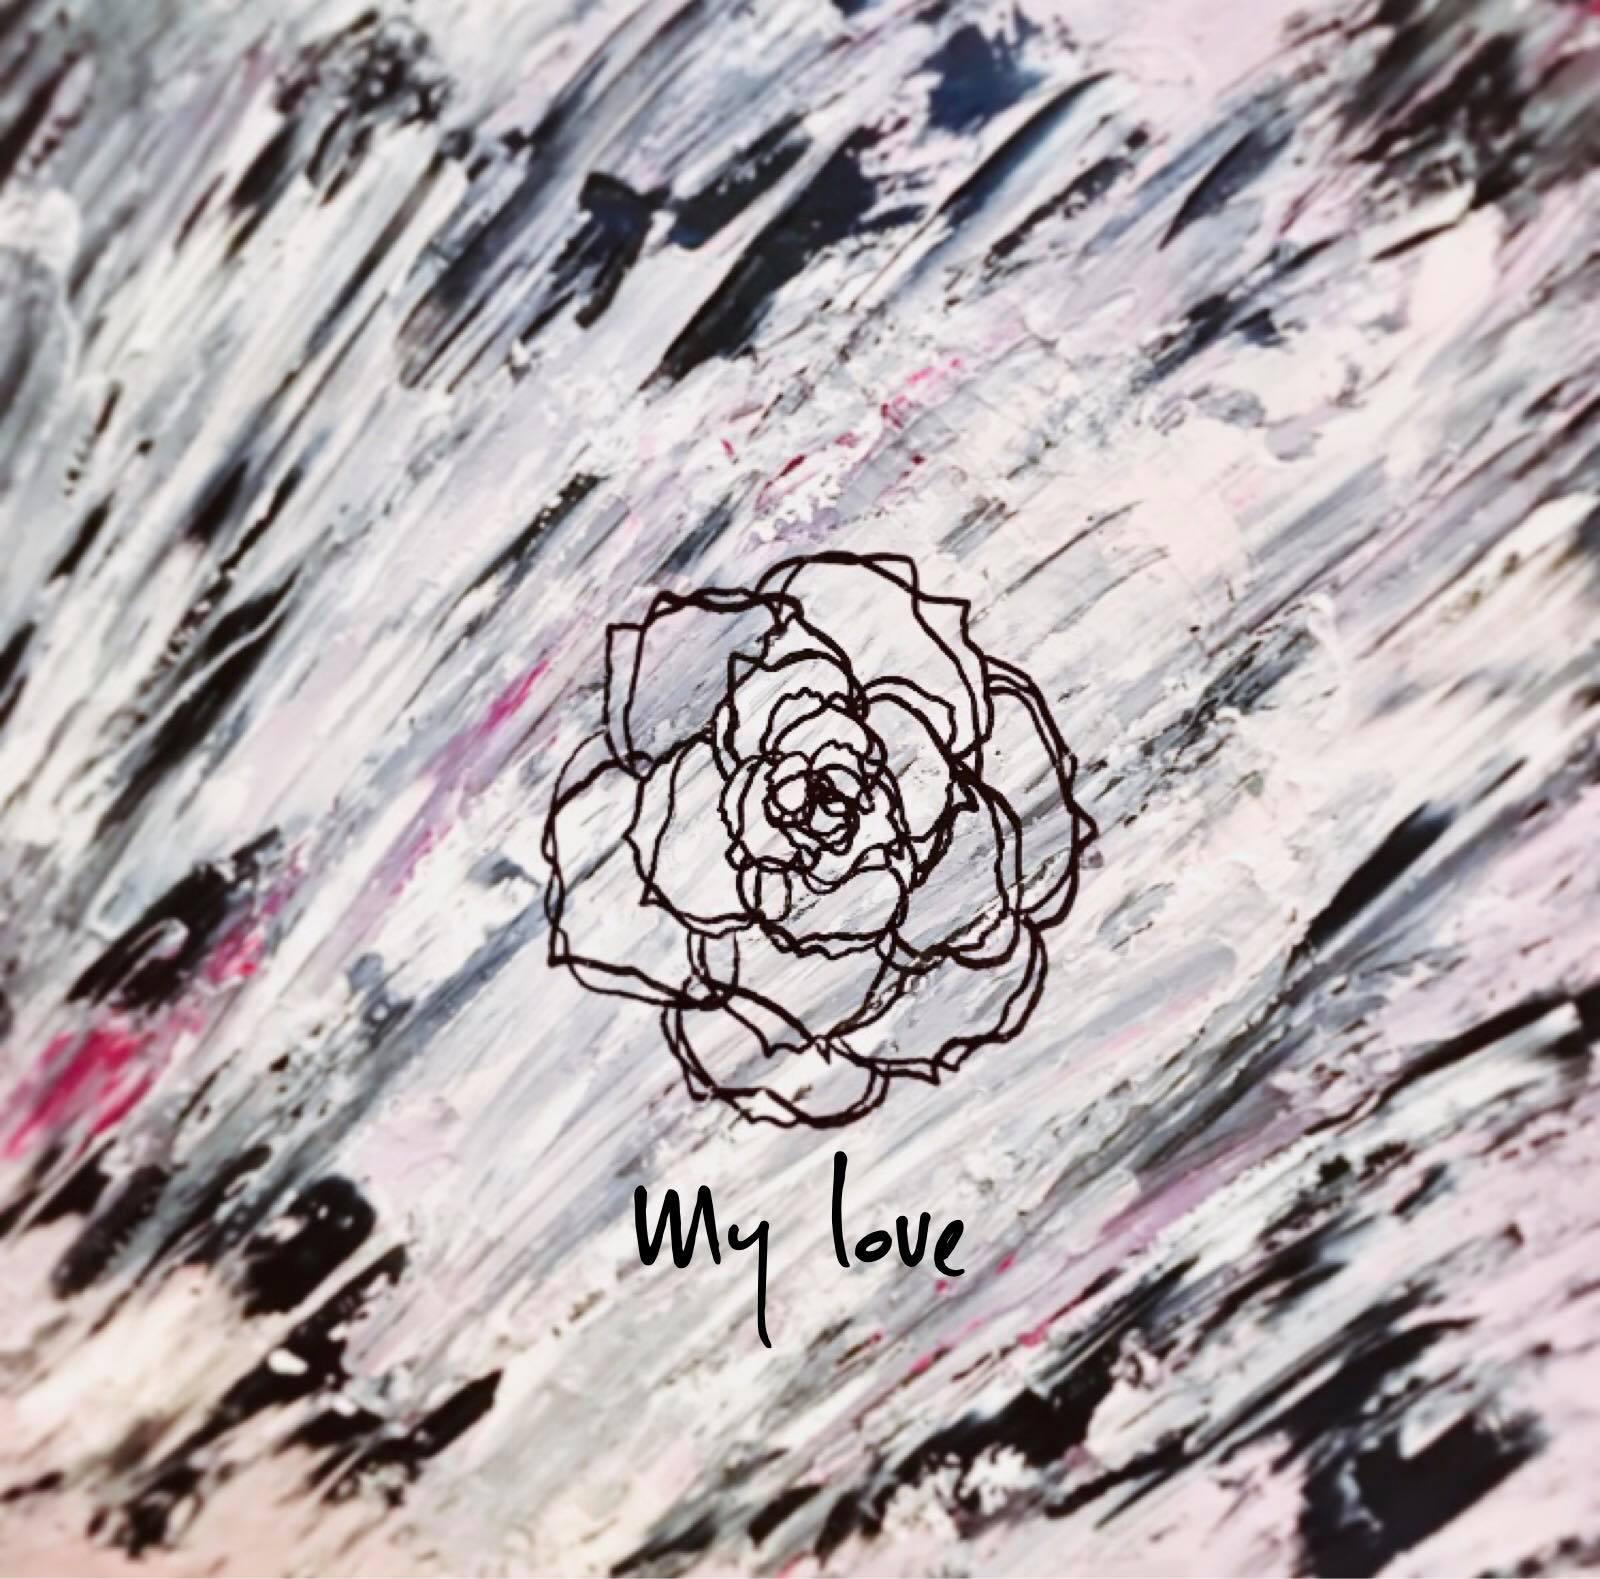 my love artwork.jpg